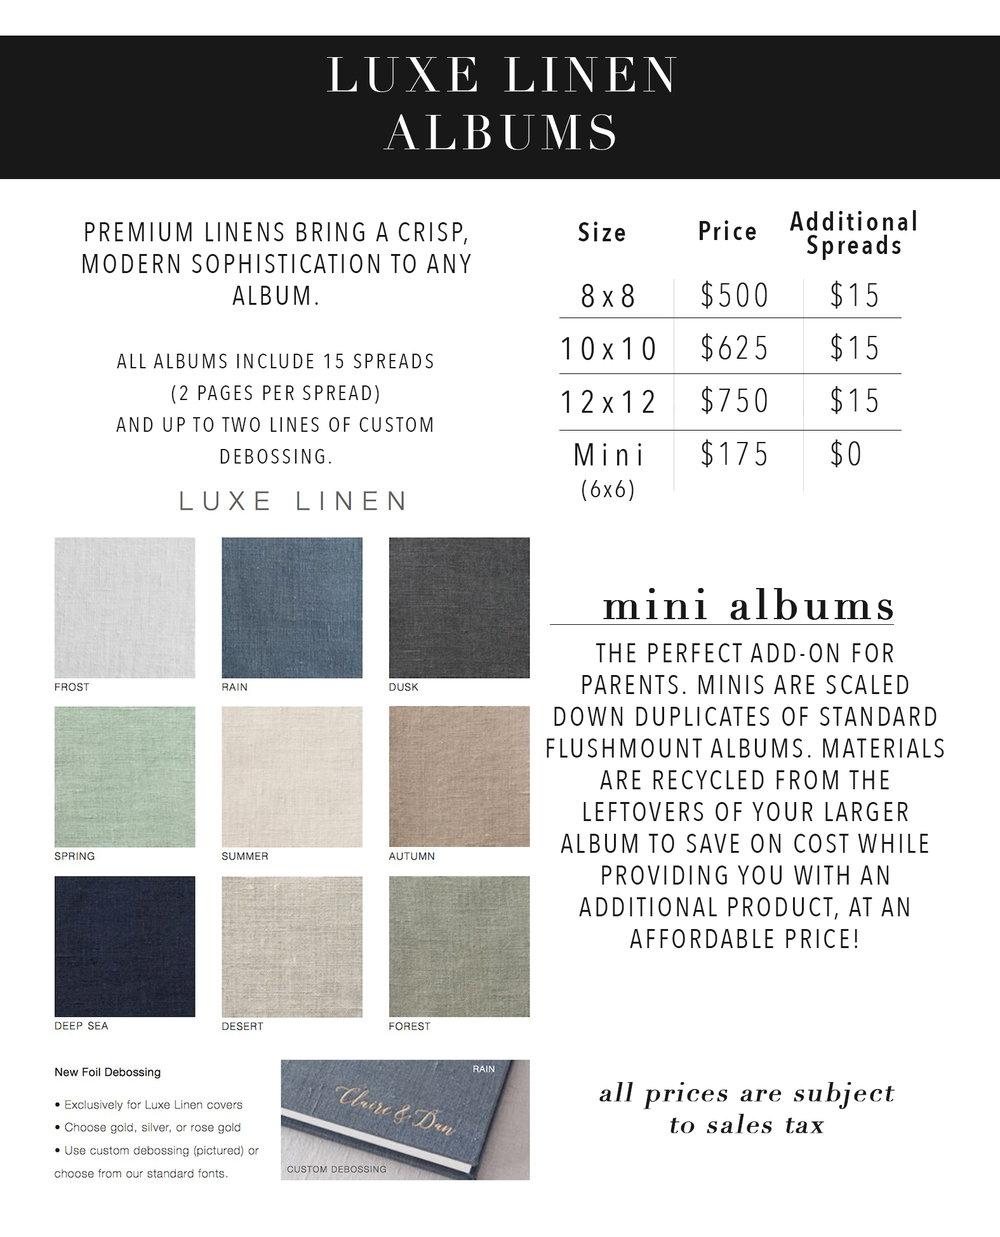 2017LINENalbums.jpg